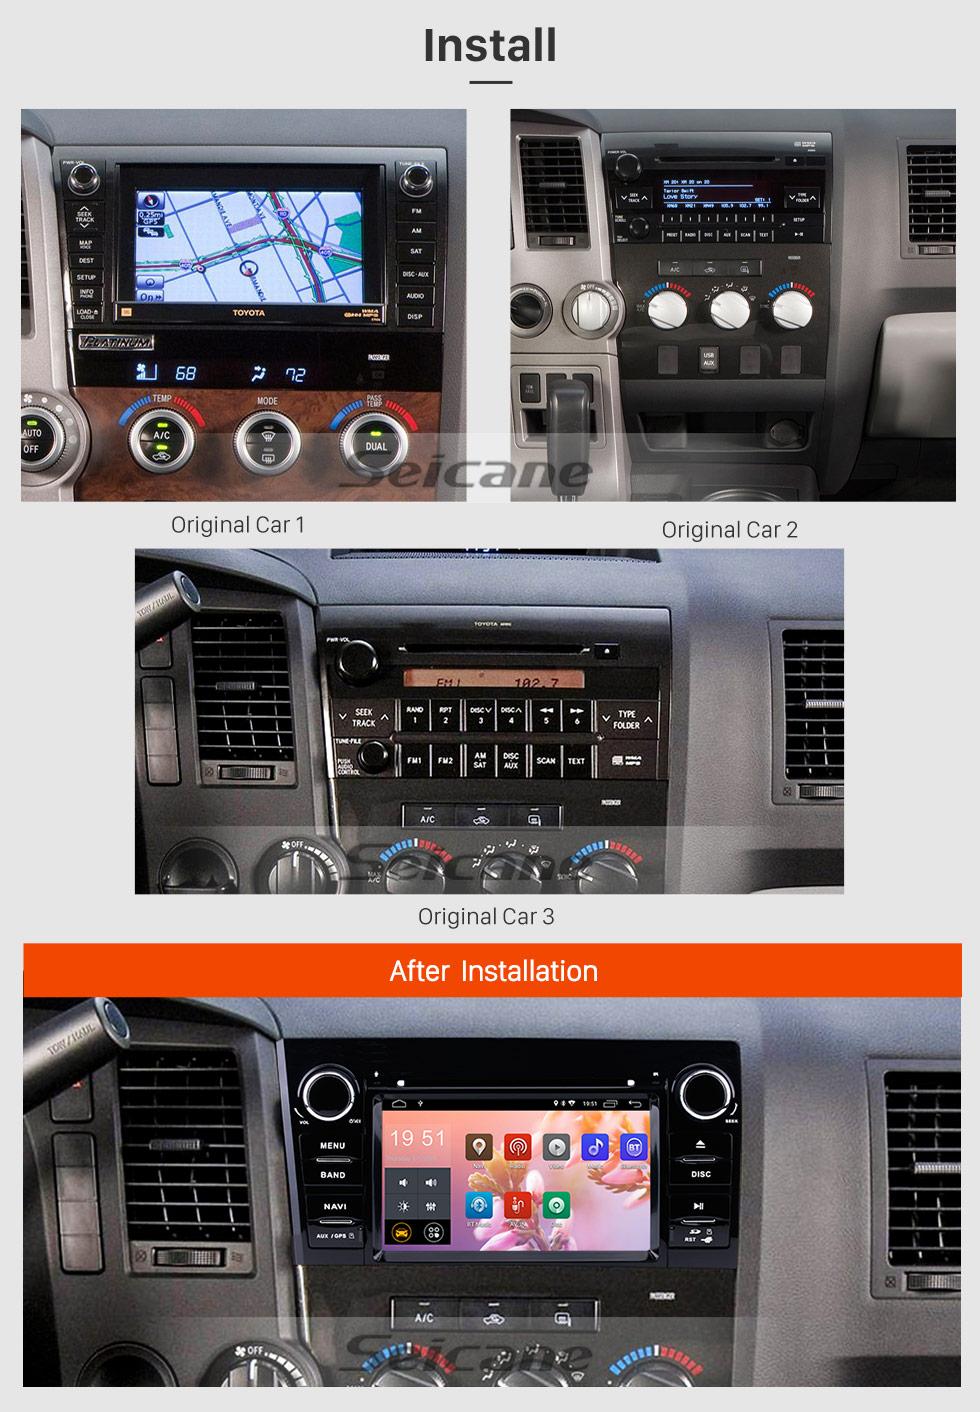 Seicane 7 polegada Android 8.1 Touchscreen GPS de Navegação GPS para 2008-2015 Toyota Sequoia / 2006-2013 Tundra com suporte Bluetooth WIFI Carplay SWC TPMS